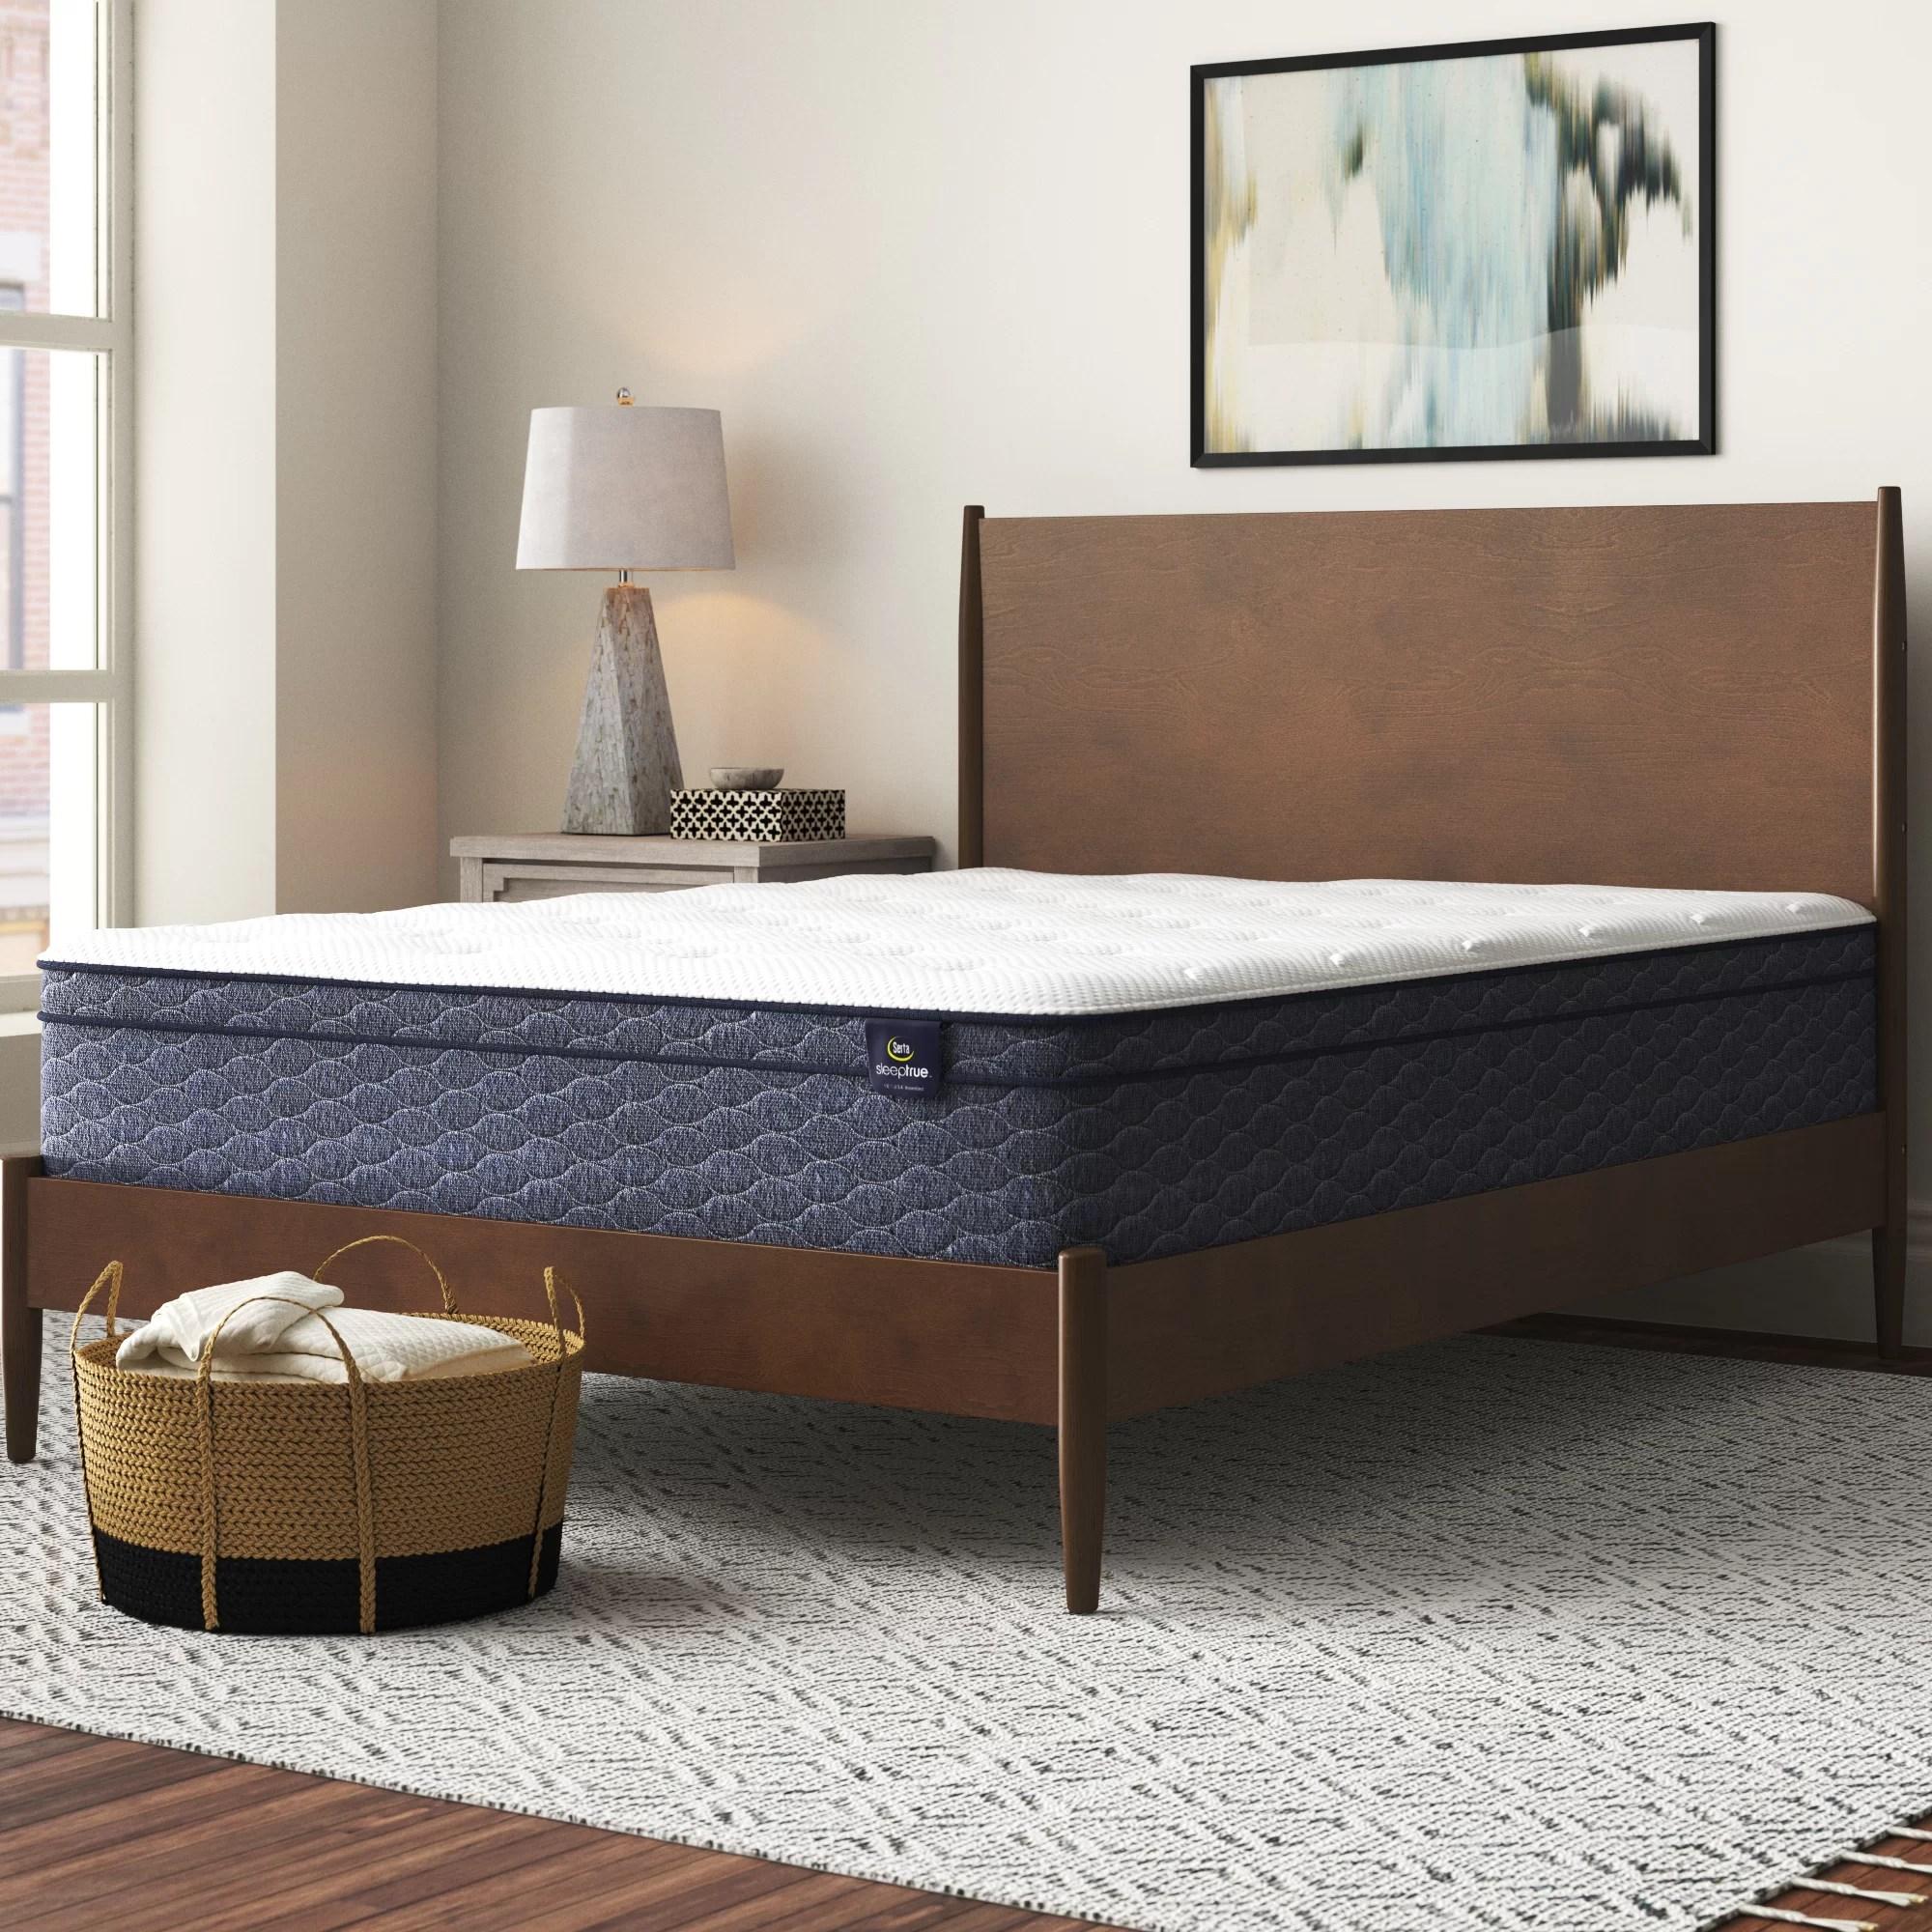 sleeptrue 13 plush pillow top hybrid mattress